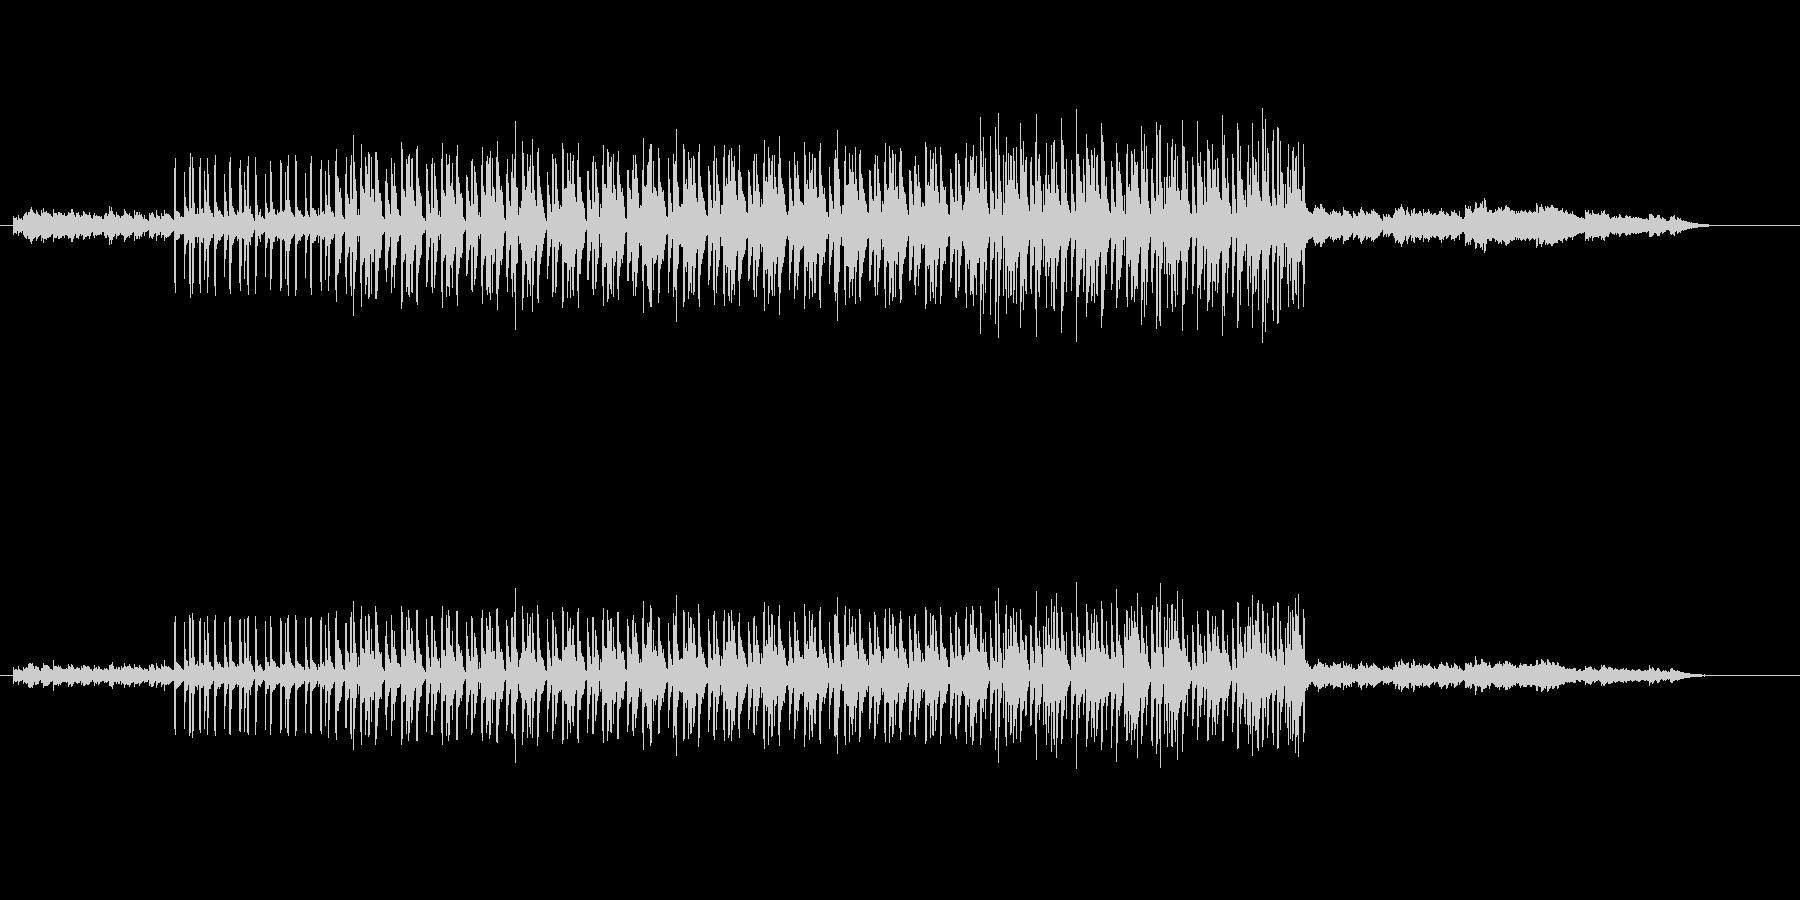 テクノ・ハウス系の曲の未再生の波形